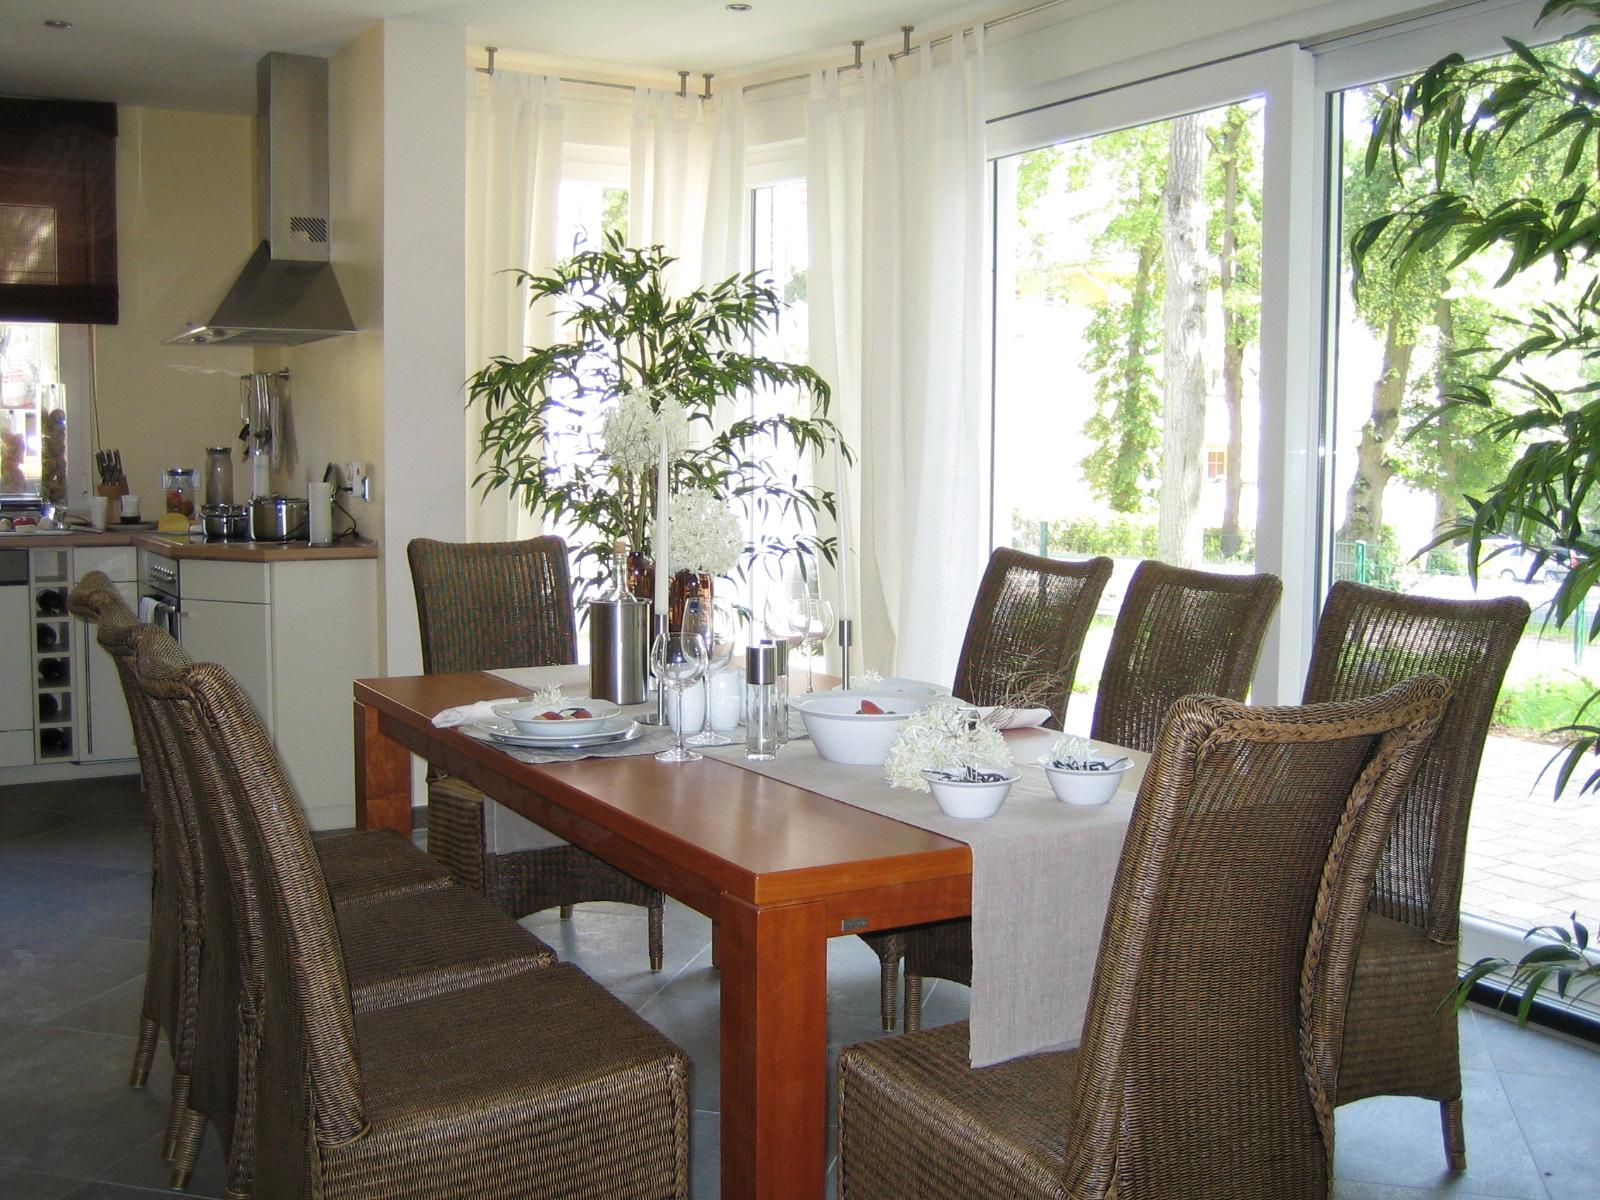 heinz von heiden musterhaus strausberg in strausberg. Black Bedroom Furniture Sets. Home Design Ideas